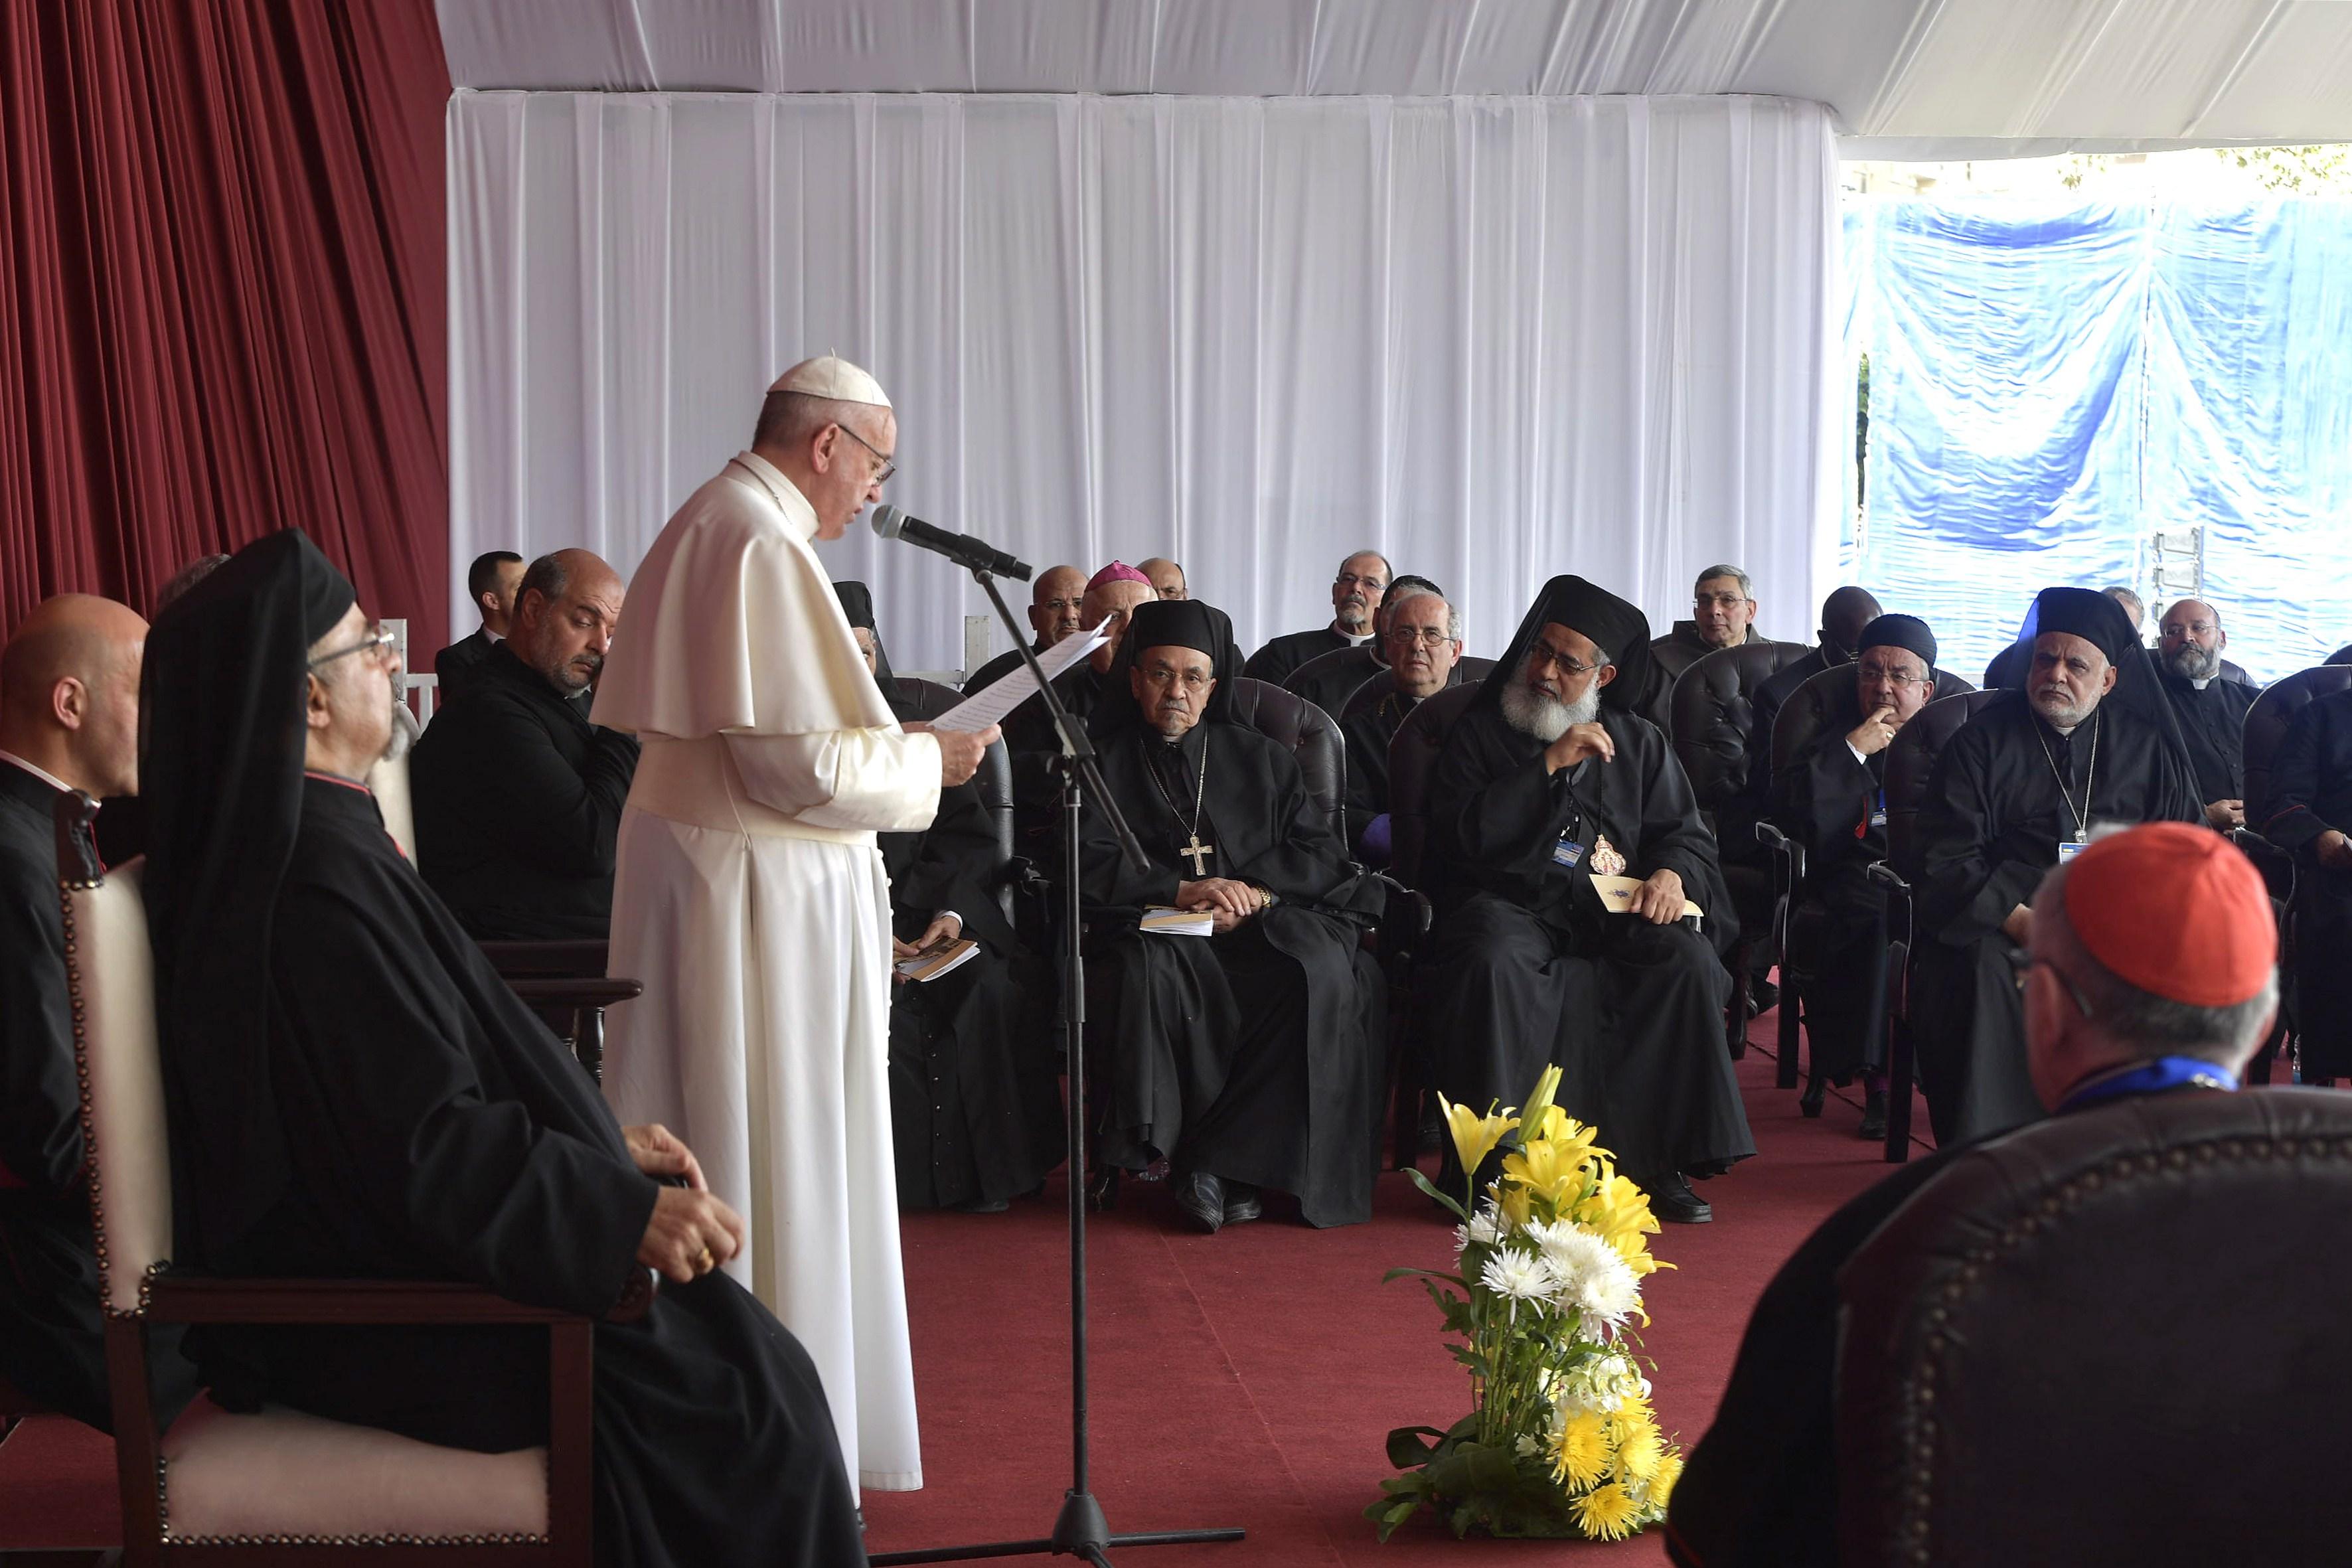 Rencontre avec le clergé et les consacrés d'Egypte © L'Osservatore Romano